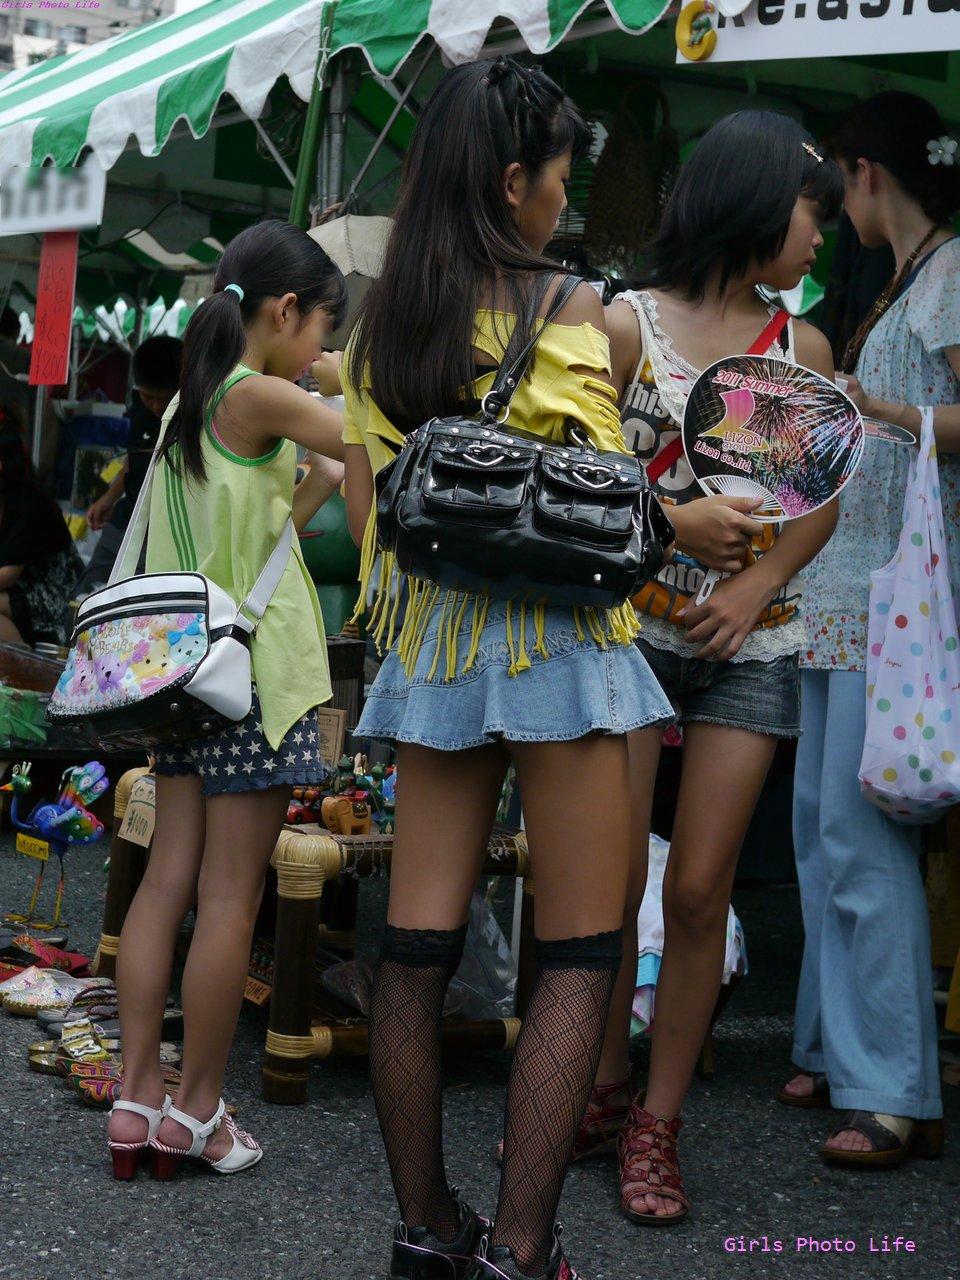 小学生 ヌード 少女11歳 TBSで最大の放送事故発生!11歳モデルのノーブラ乳首が地上波で ...